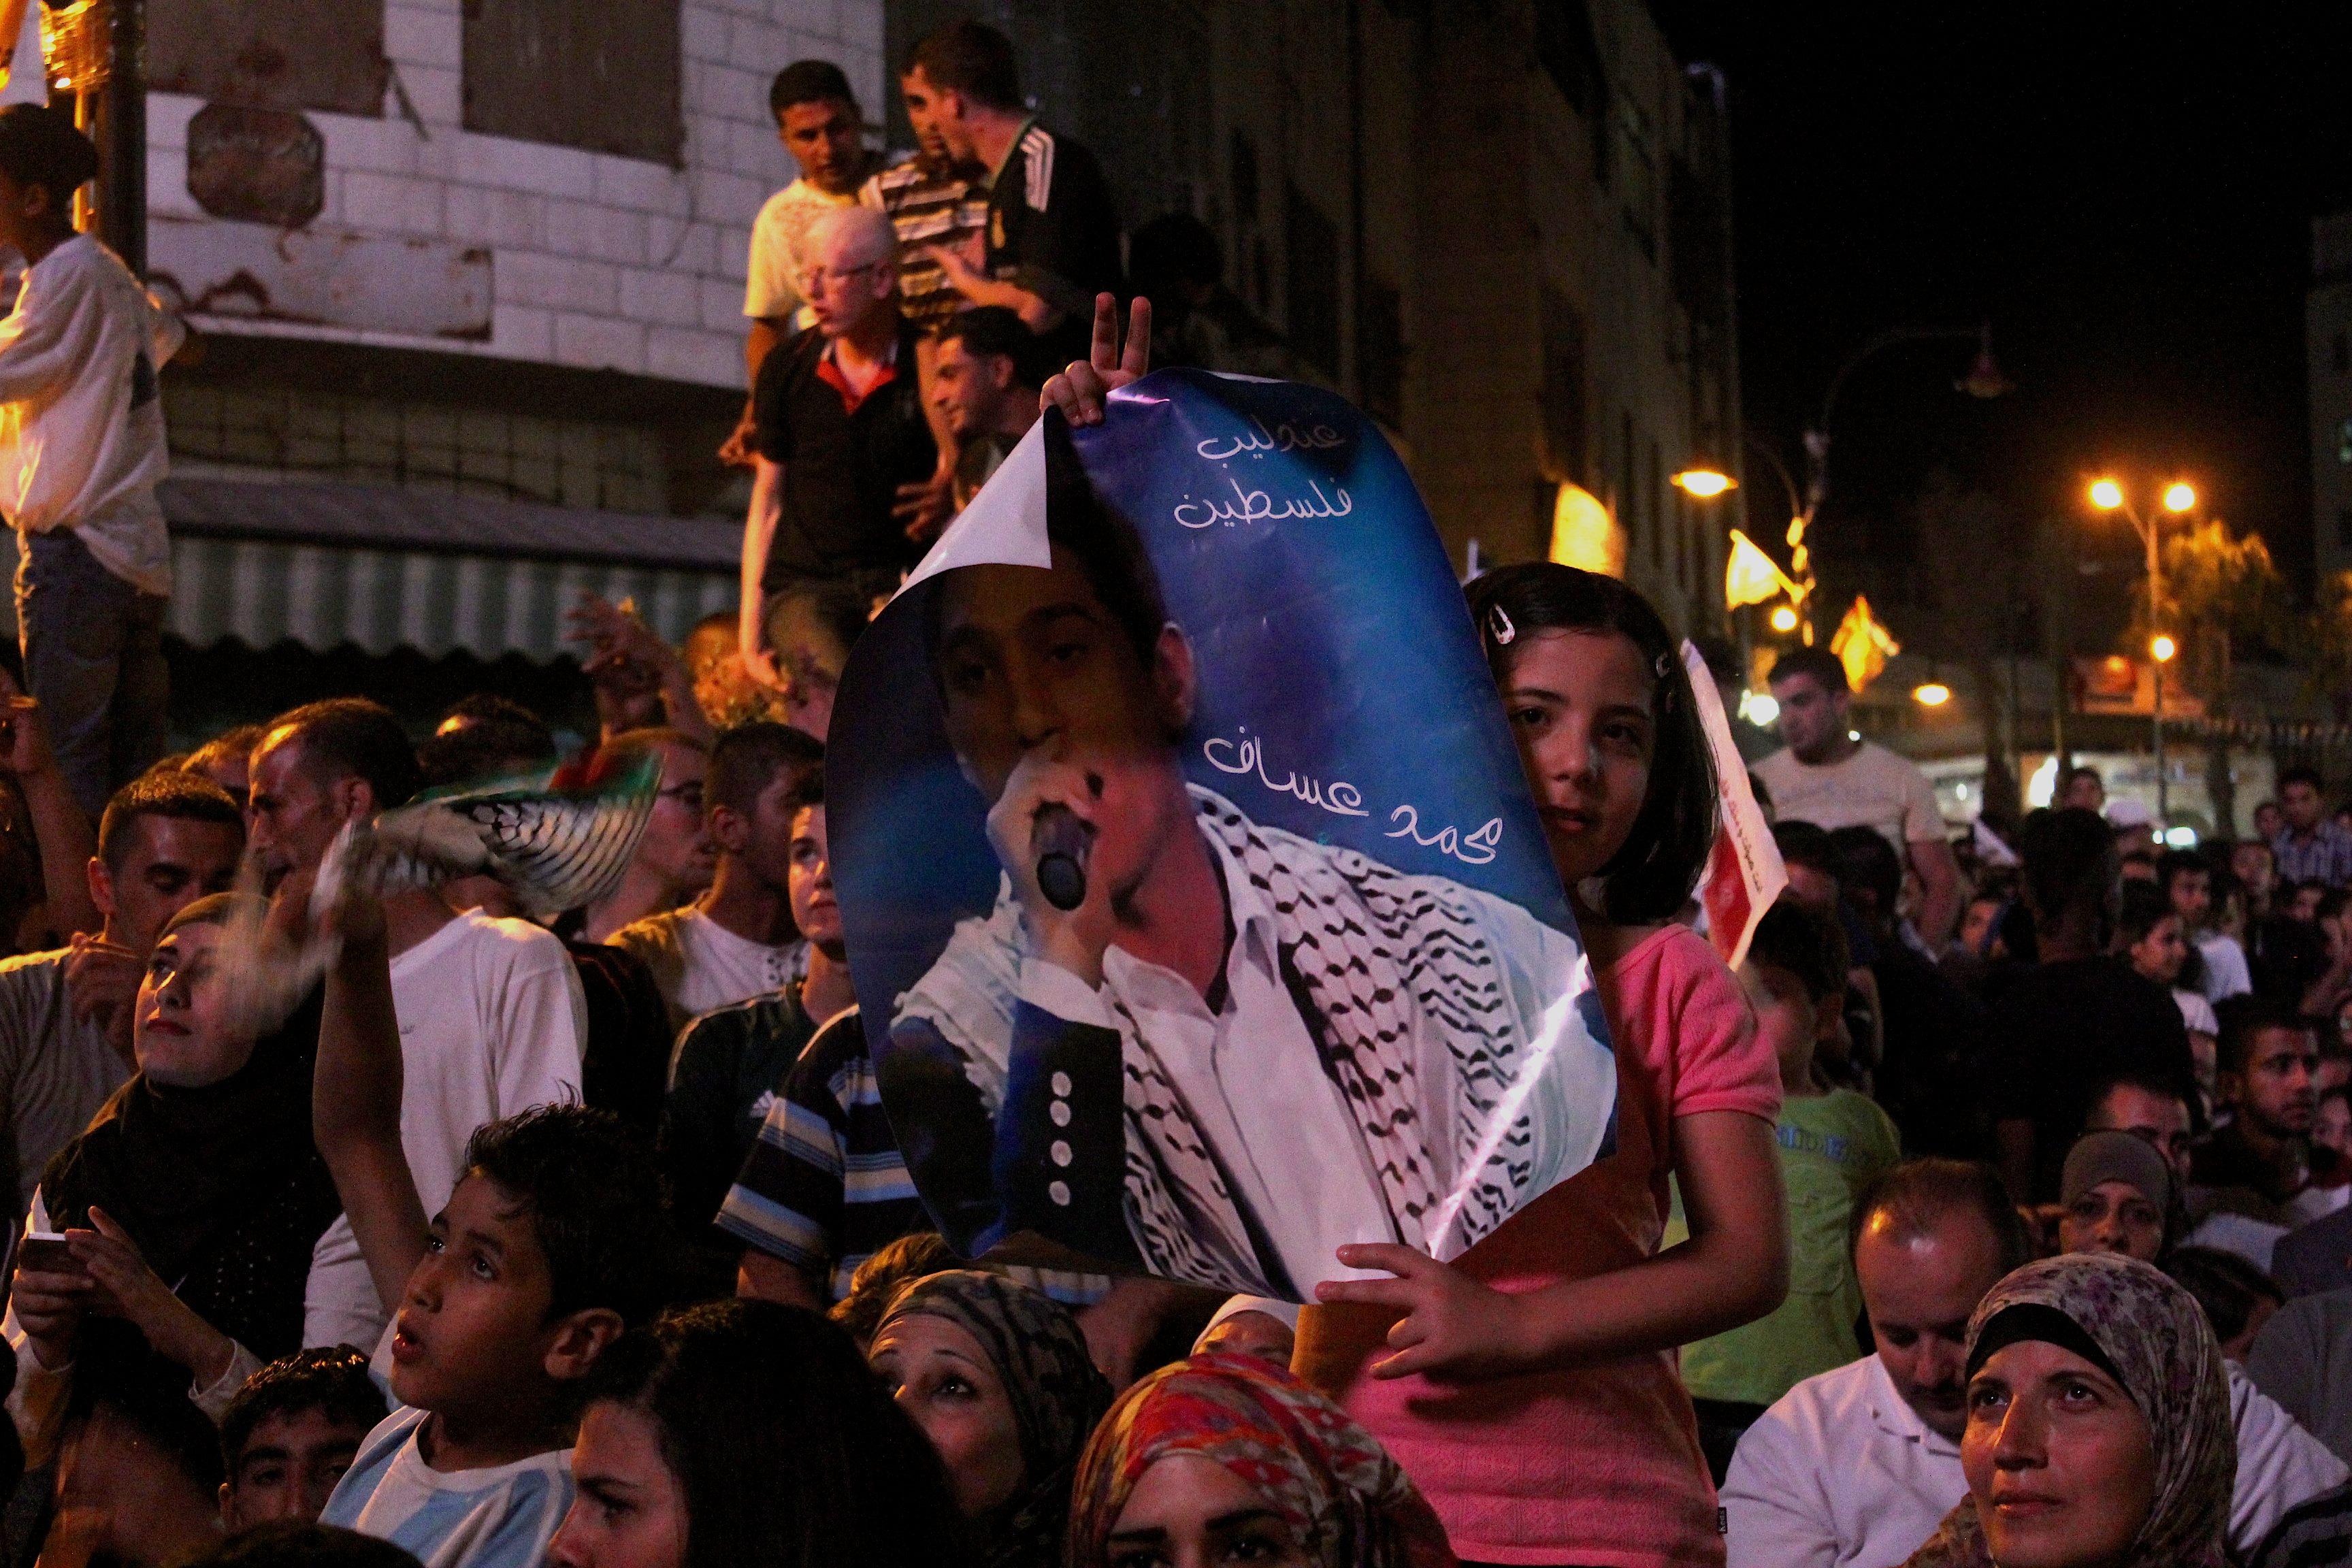 La foule à Ramallah pour l'annonce des résultats d'Arab Idol le 22 juin 2013 www.merblanche.com all rights reserved